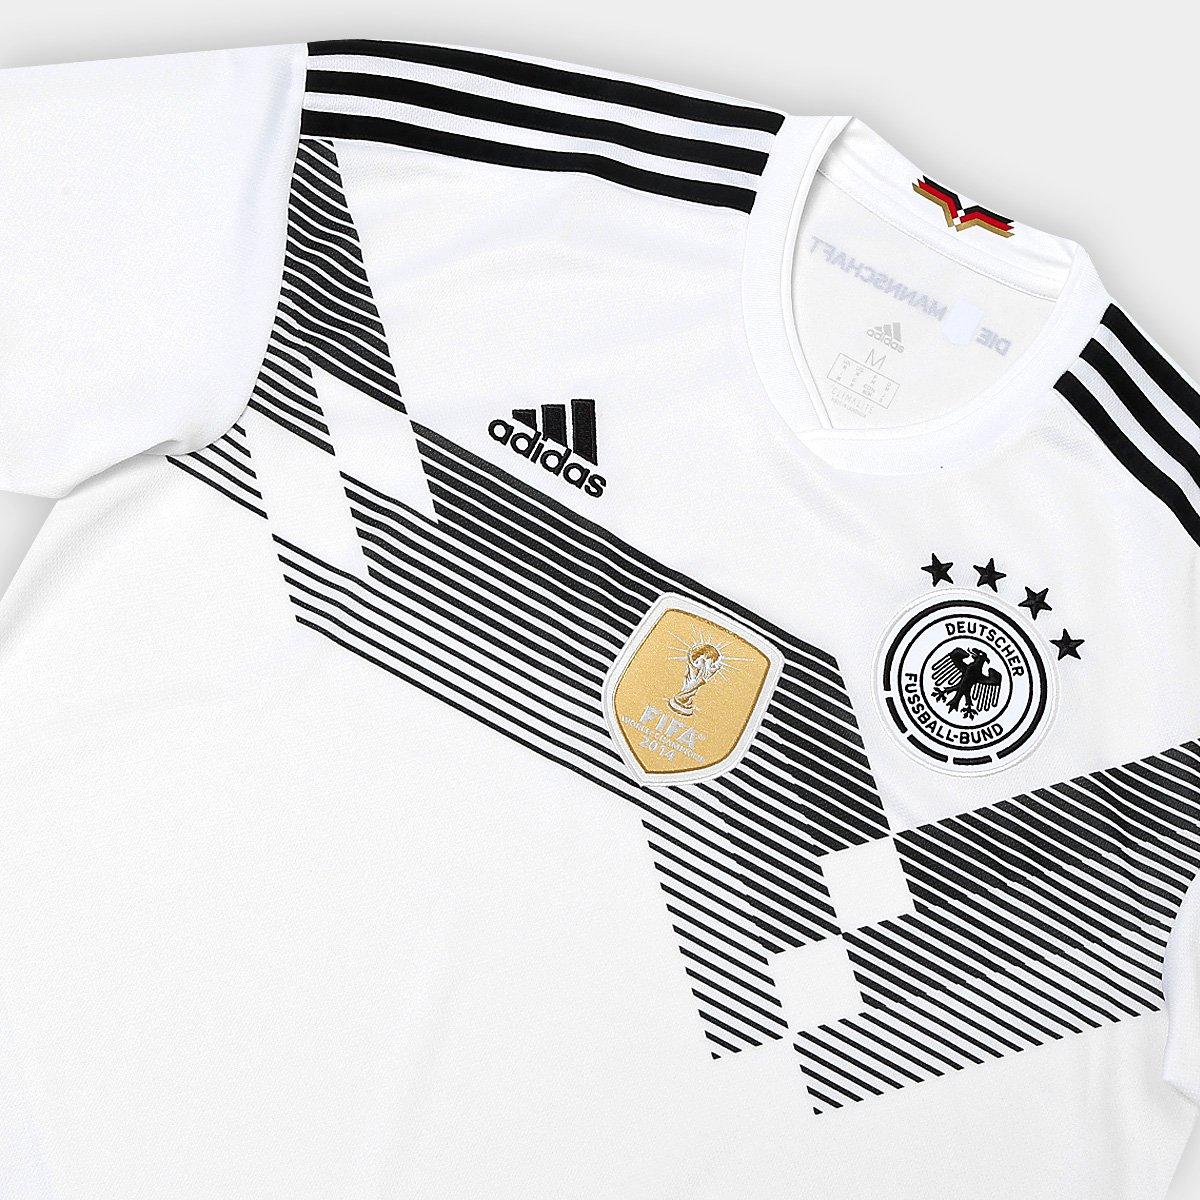 6be8eff93c ... Camisa Seleção Alemanha Home 2018 n° 14 Goretzka - Torcedor Adidas  Masculina